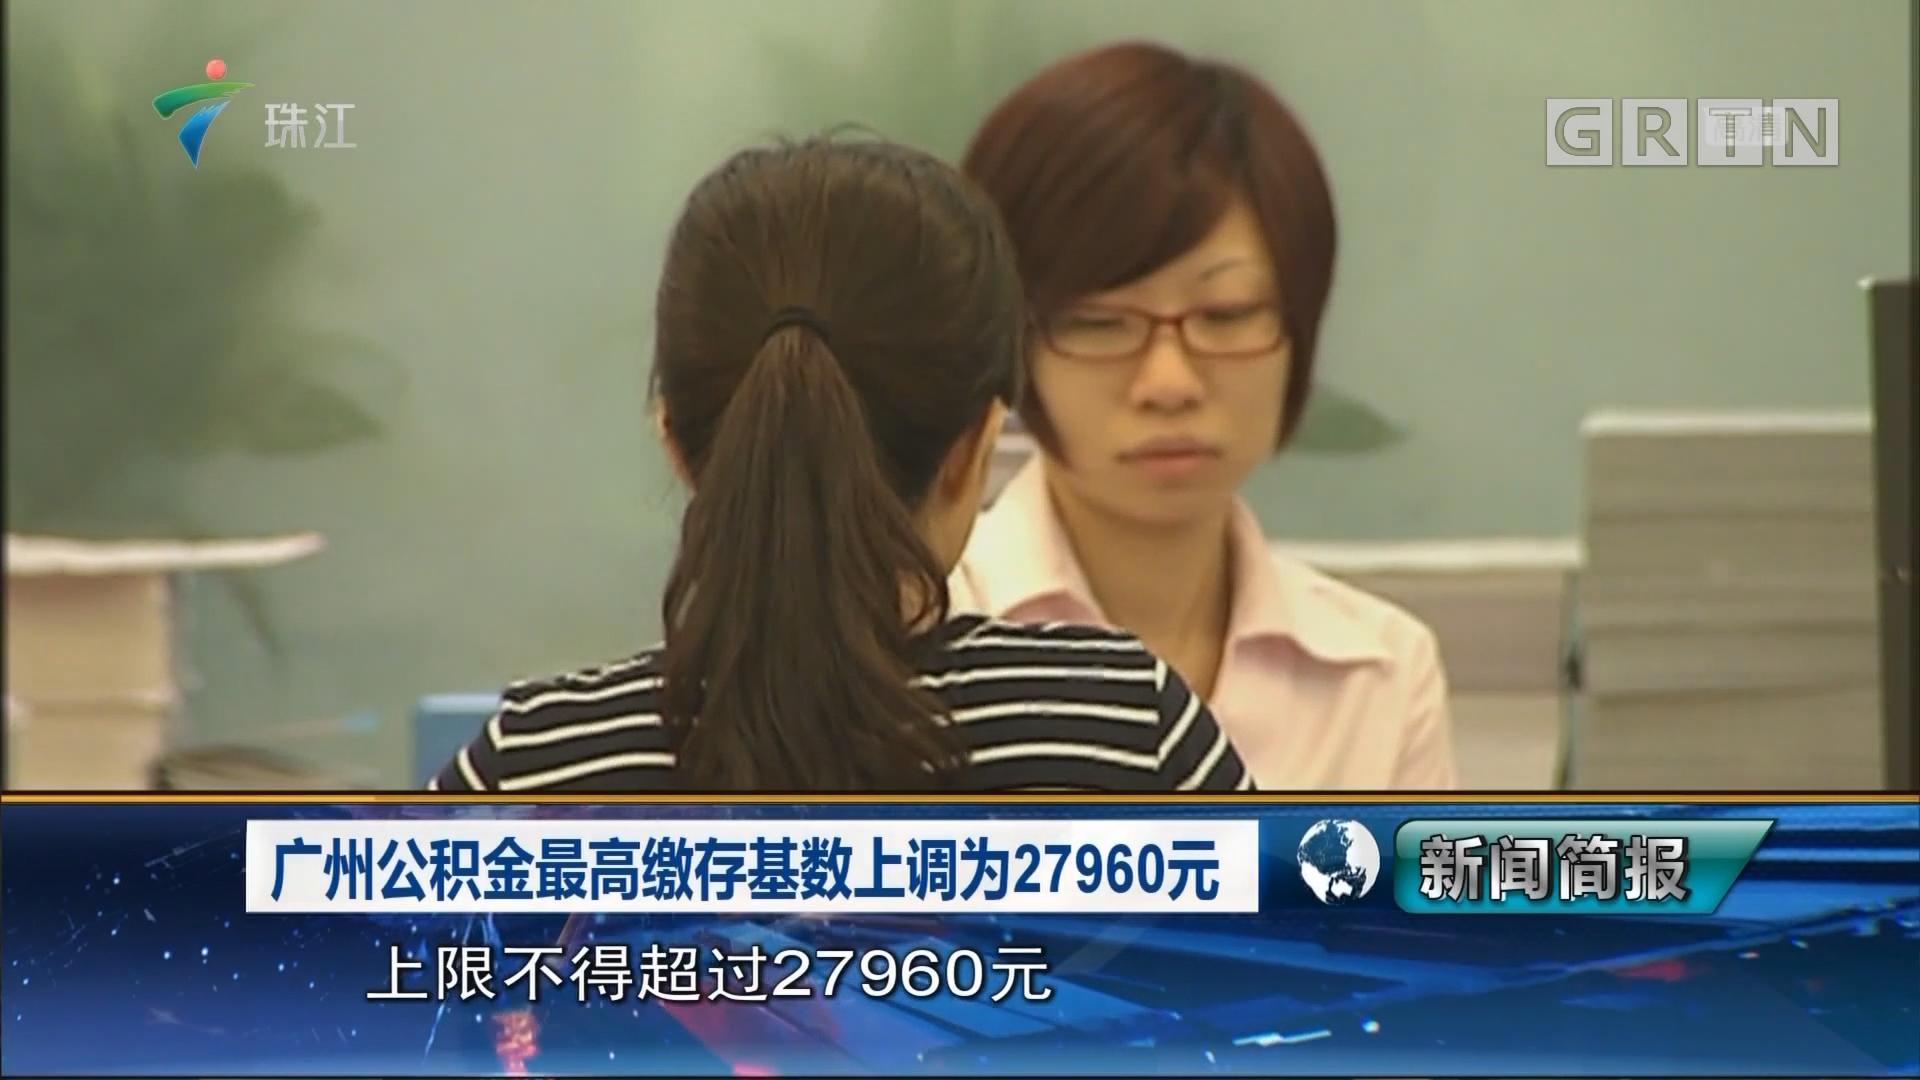 广州公积金最高缴存基数上调为27960元